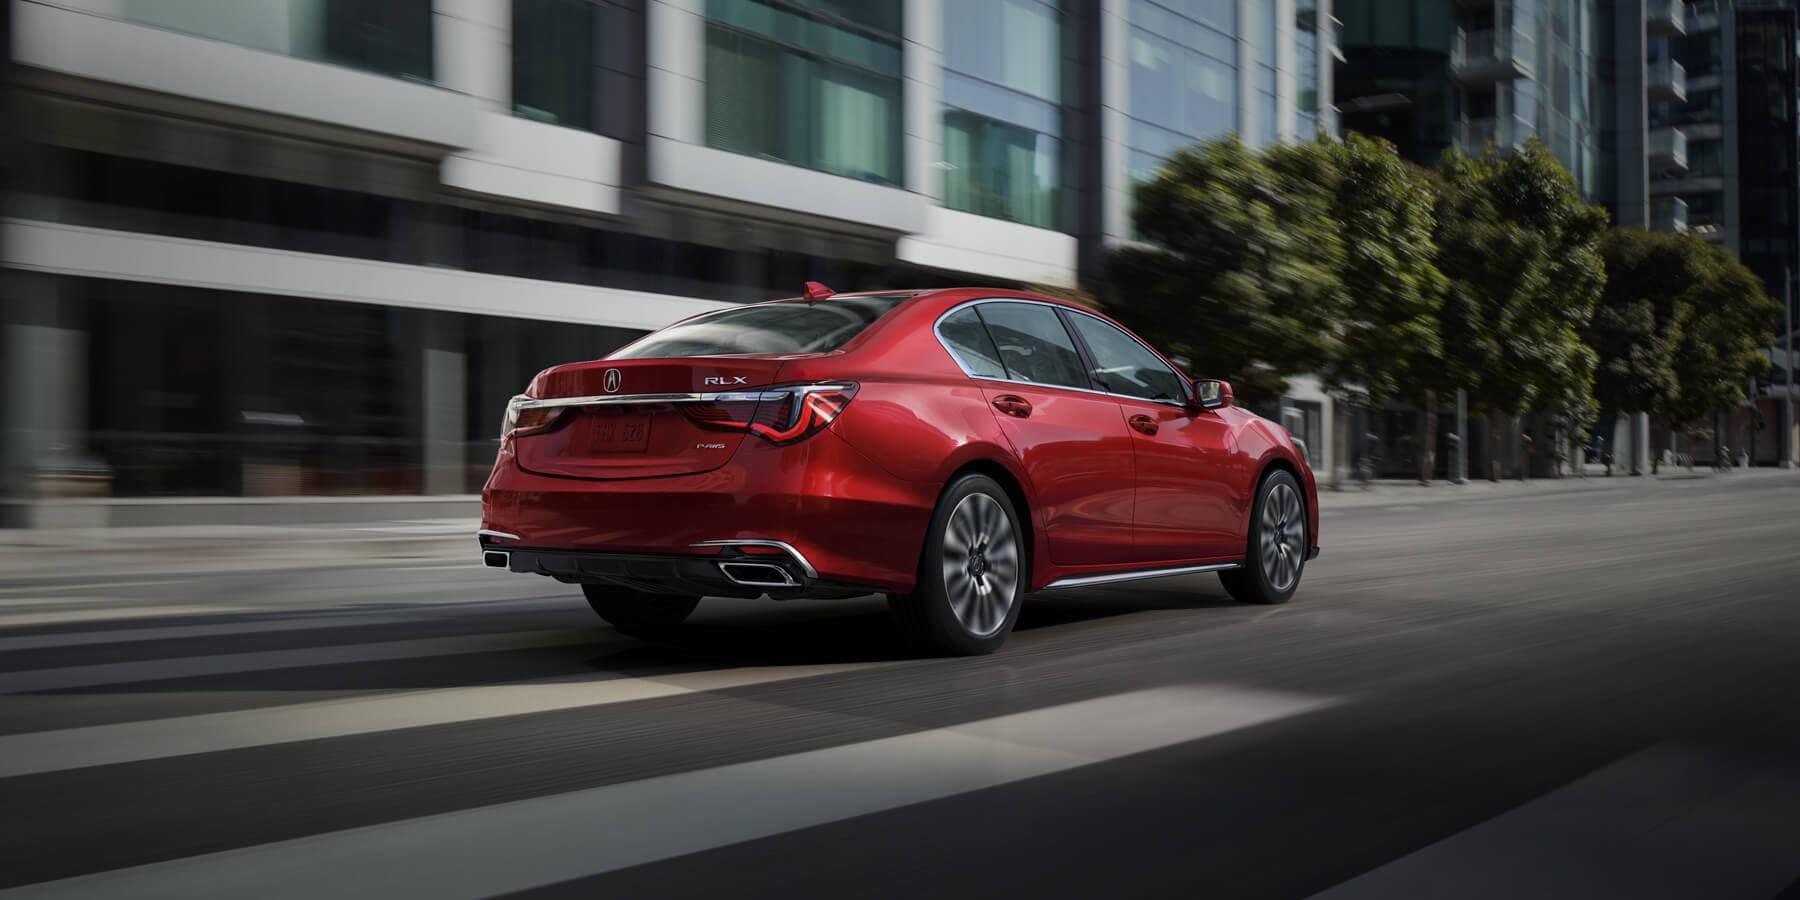 2019 Acura RLX Brilliant Red Metallic Rear Angle